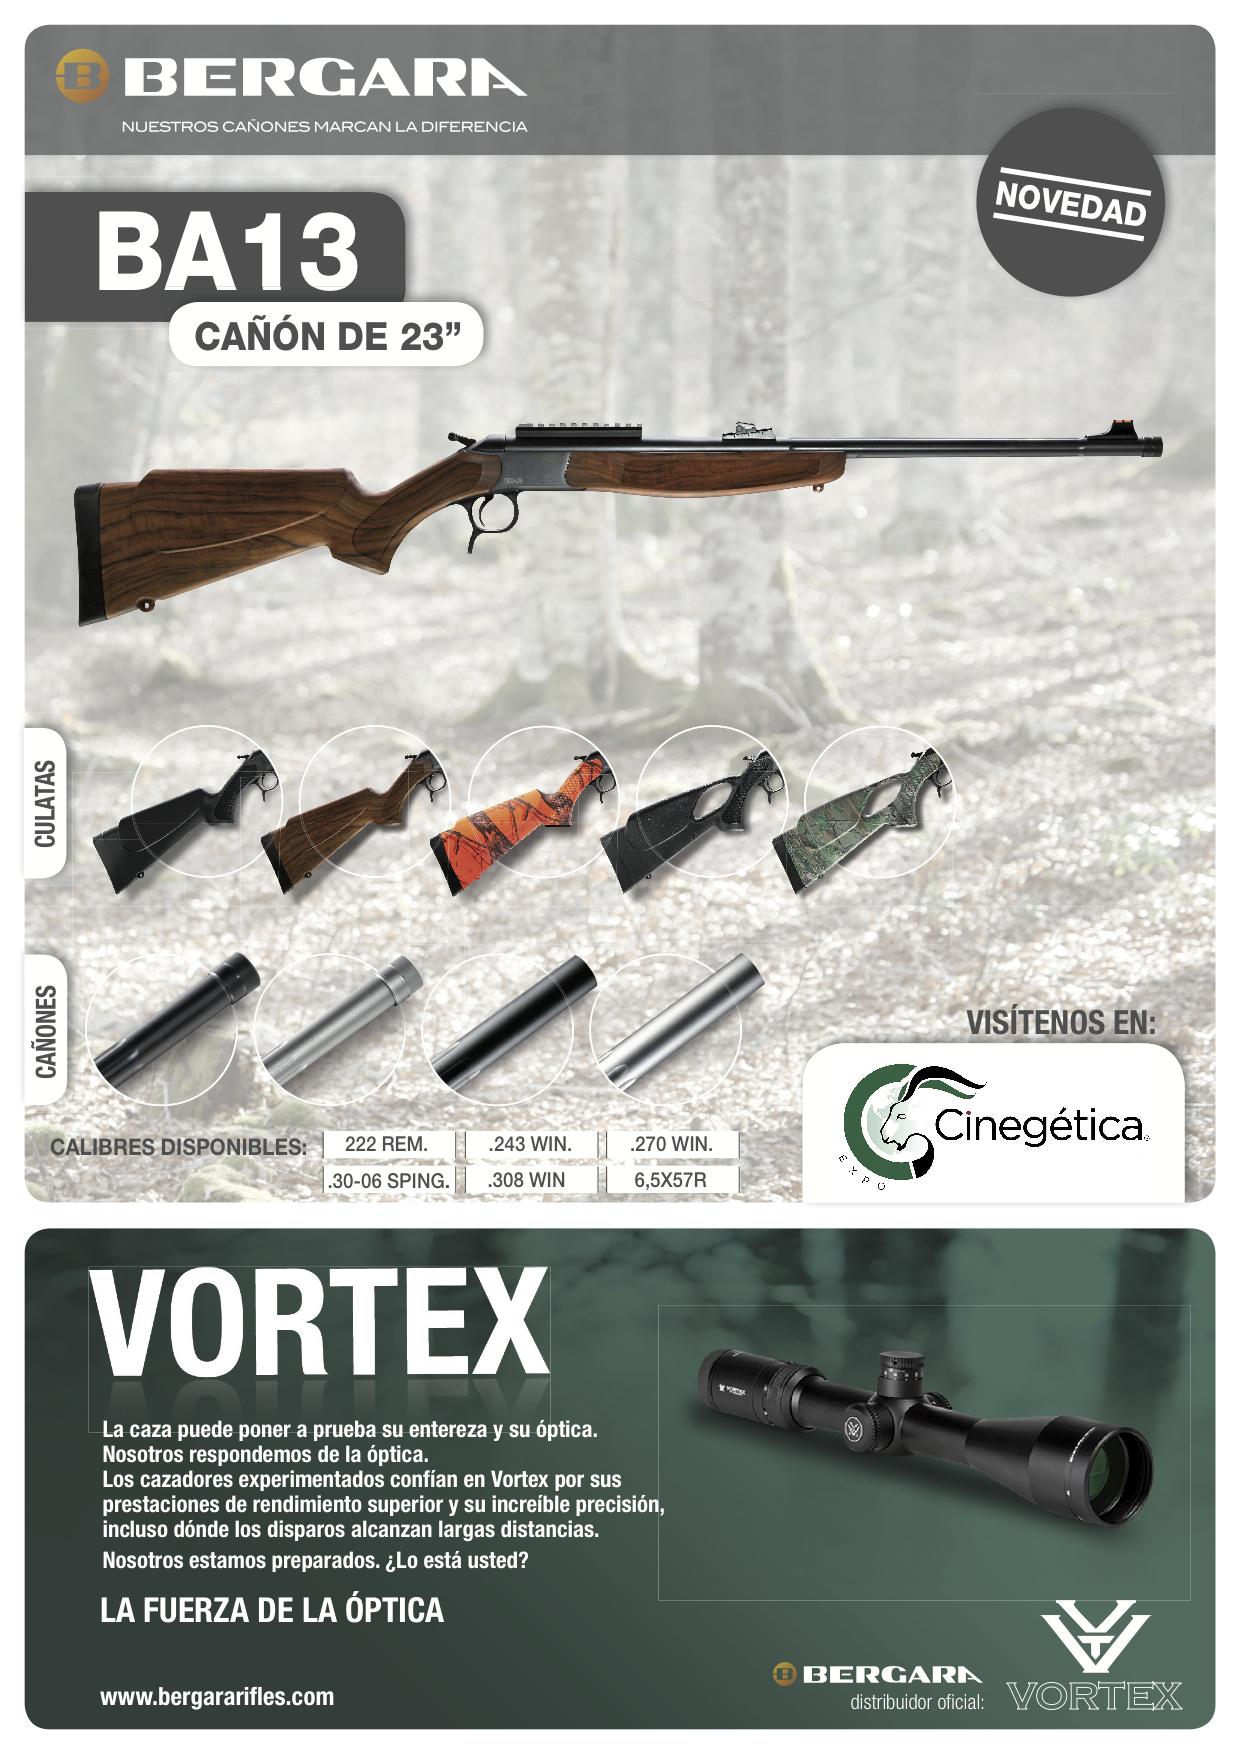 nuevo rifle monotiro BA13